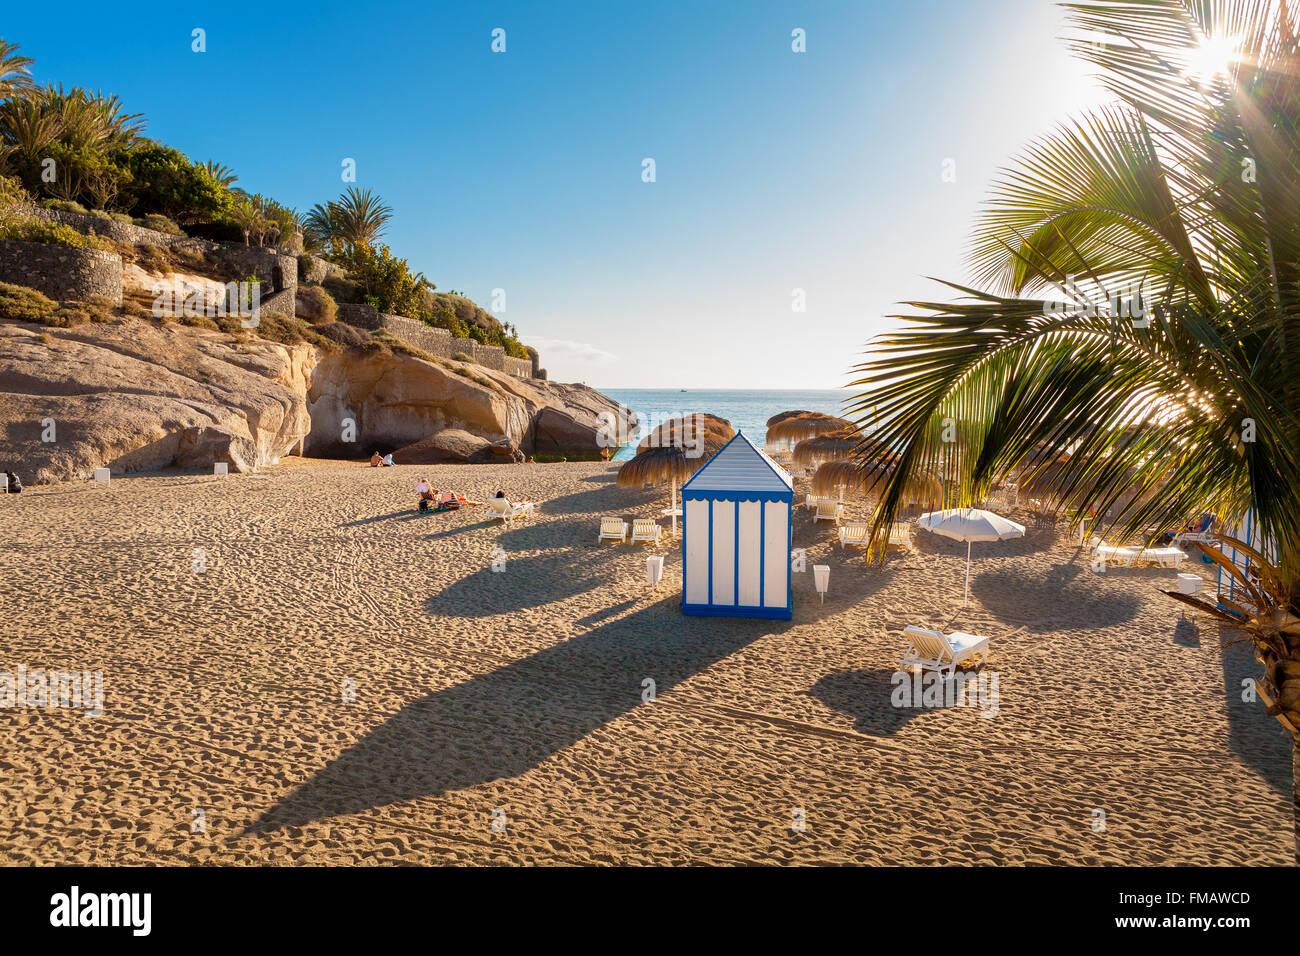 Costa Adeje. Tenerife, Canary Islands, Spain - Stock Image